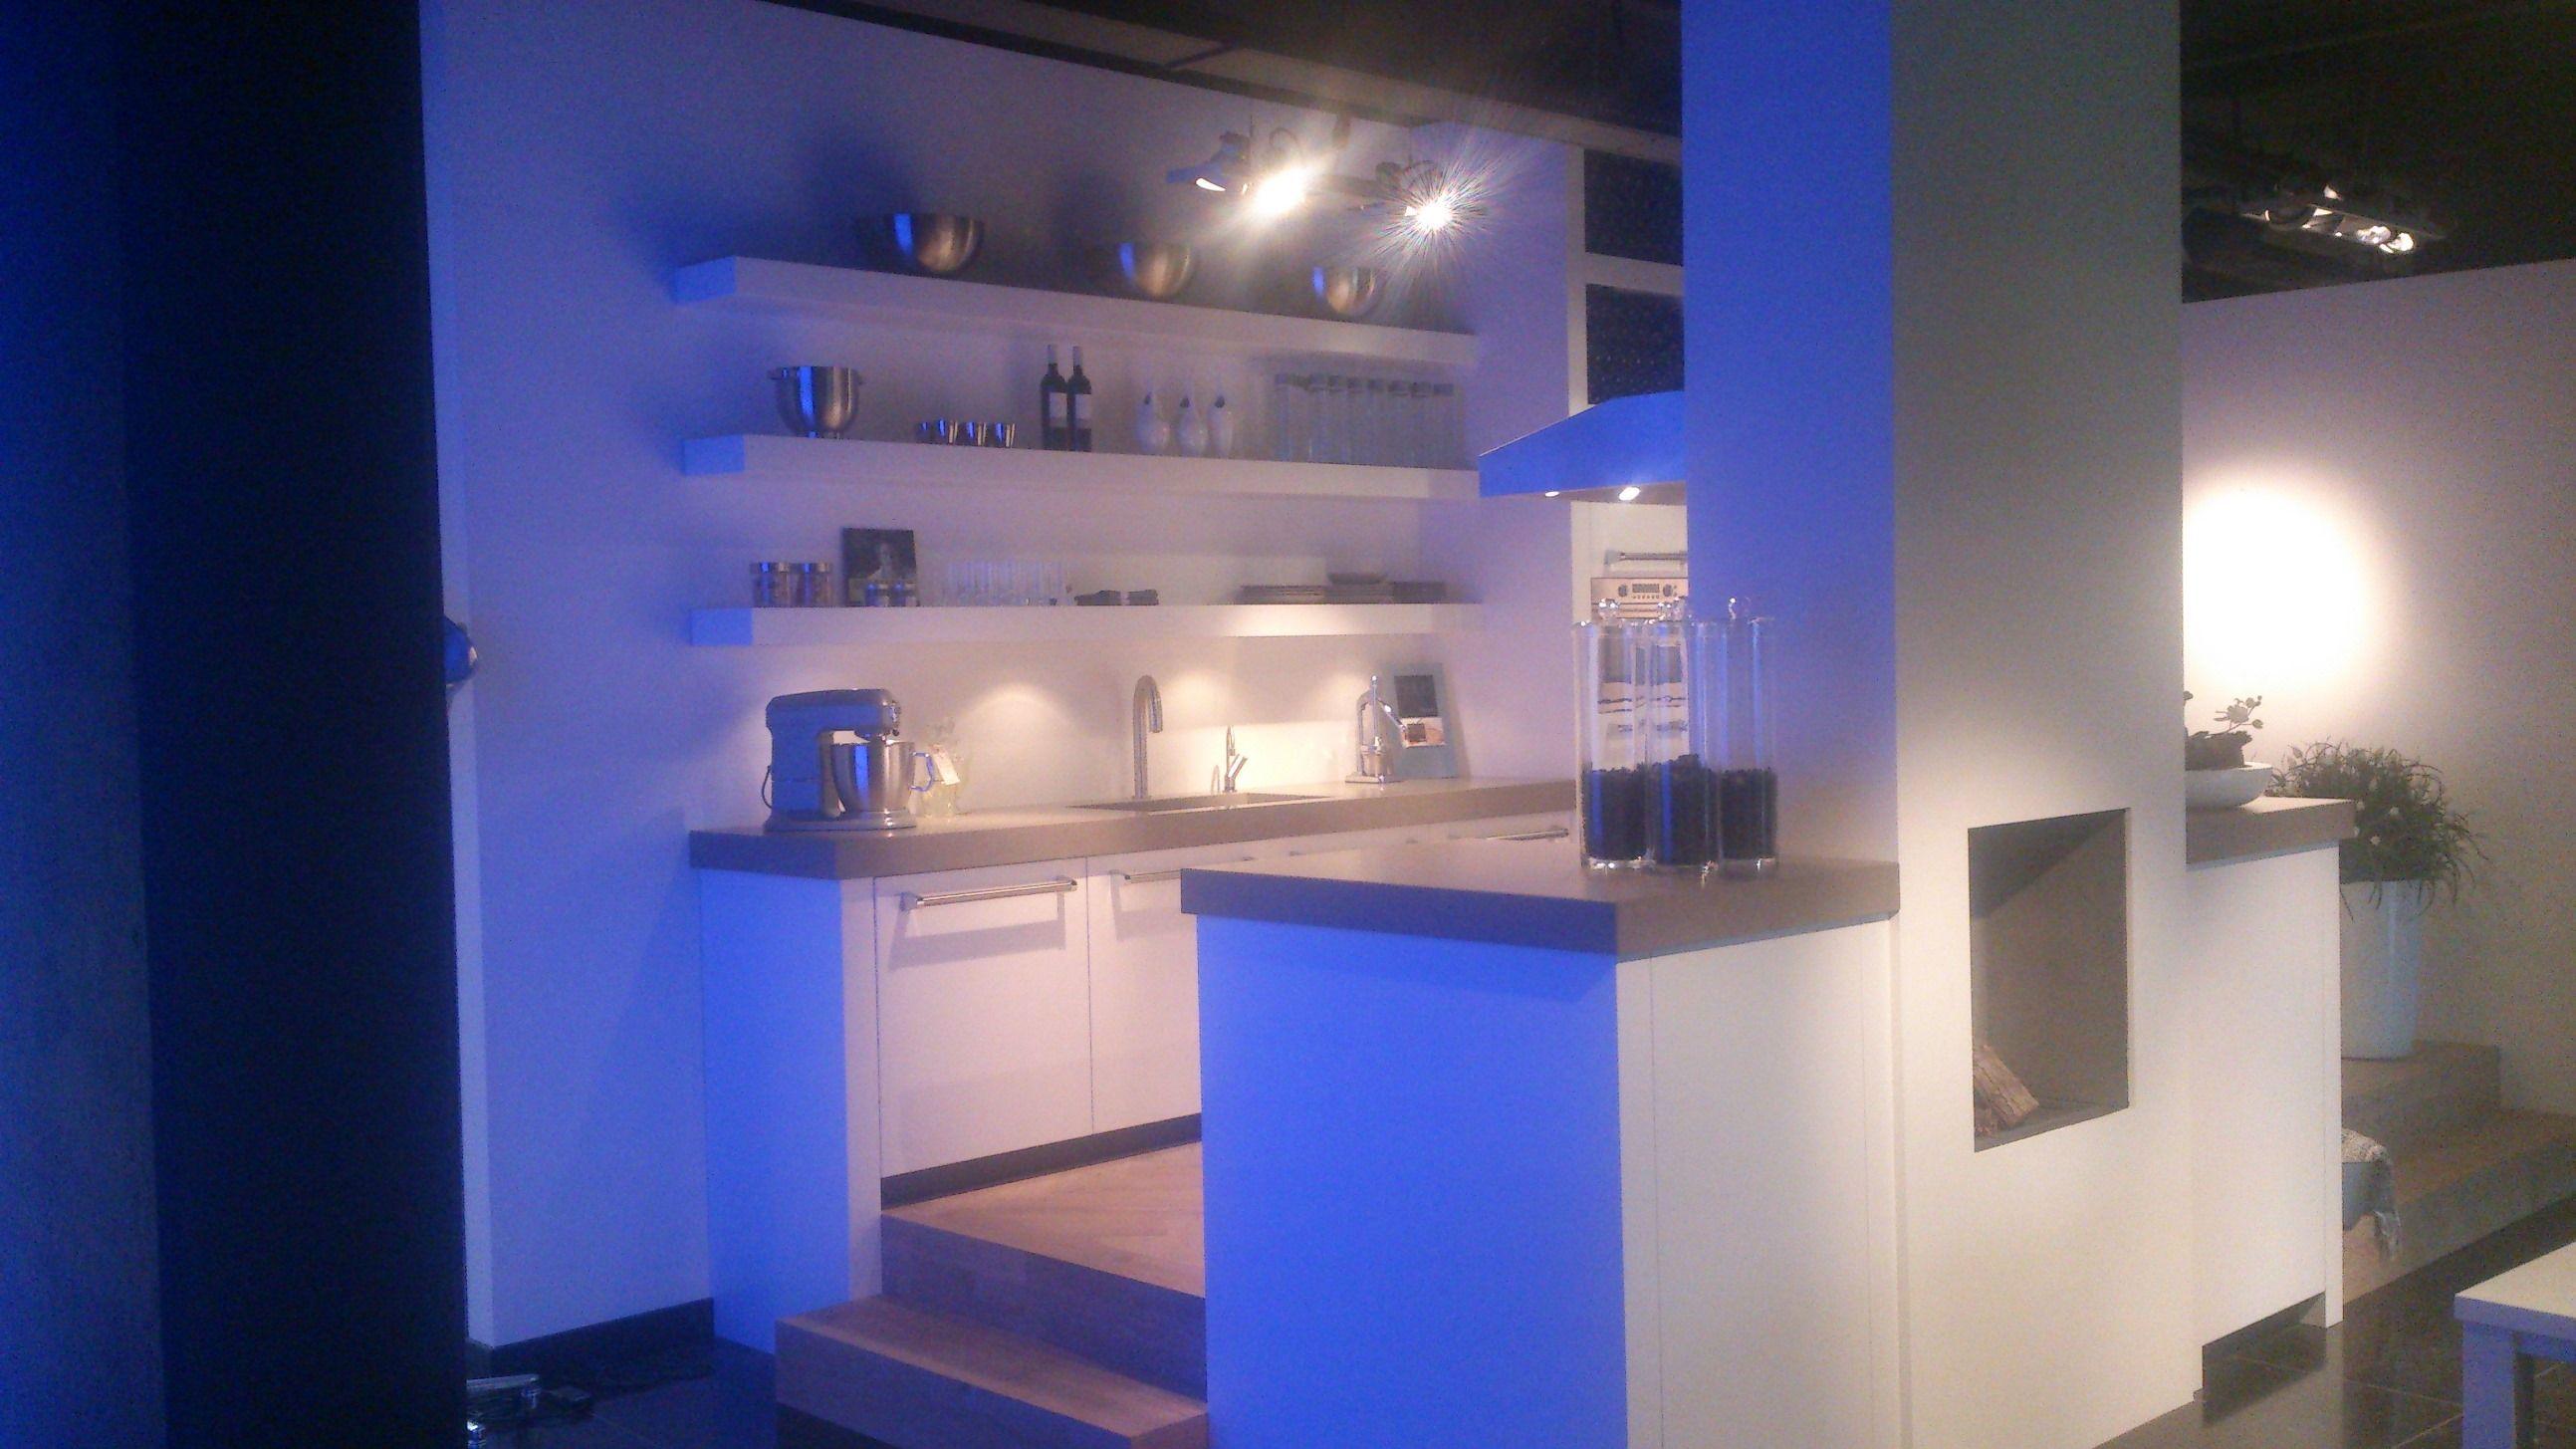 Allergrootste keukensite van nederland handgemaakte eilandkeuken met houten - Keuken originele keuken ...